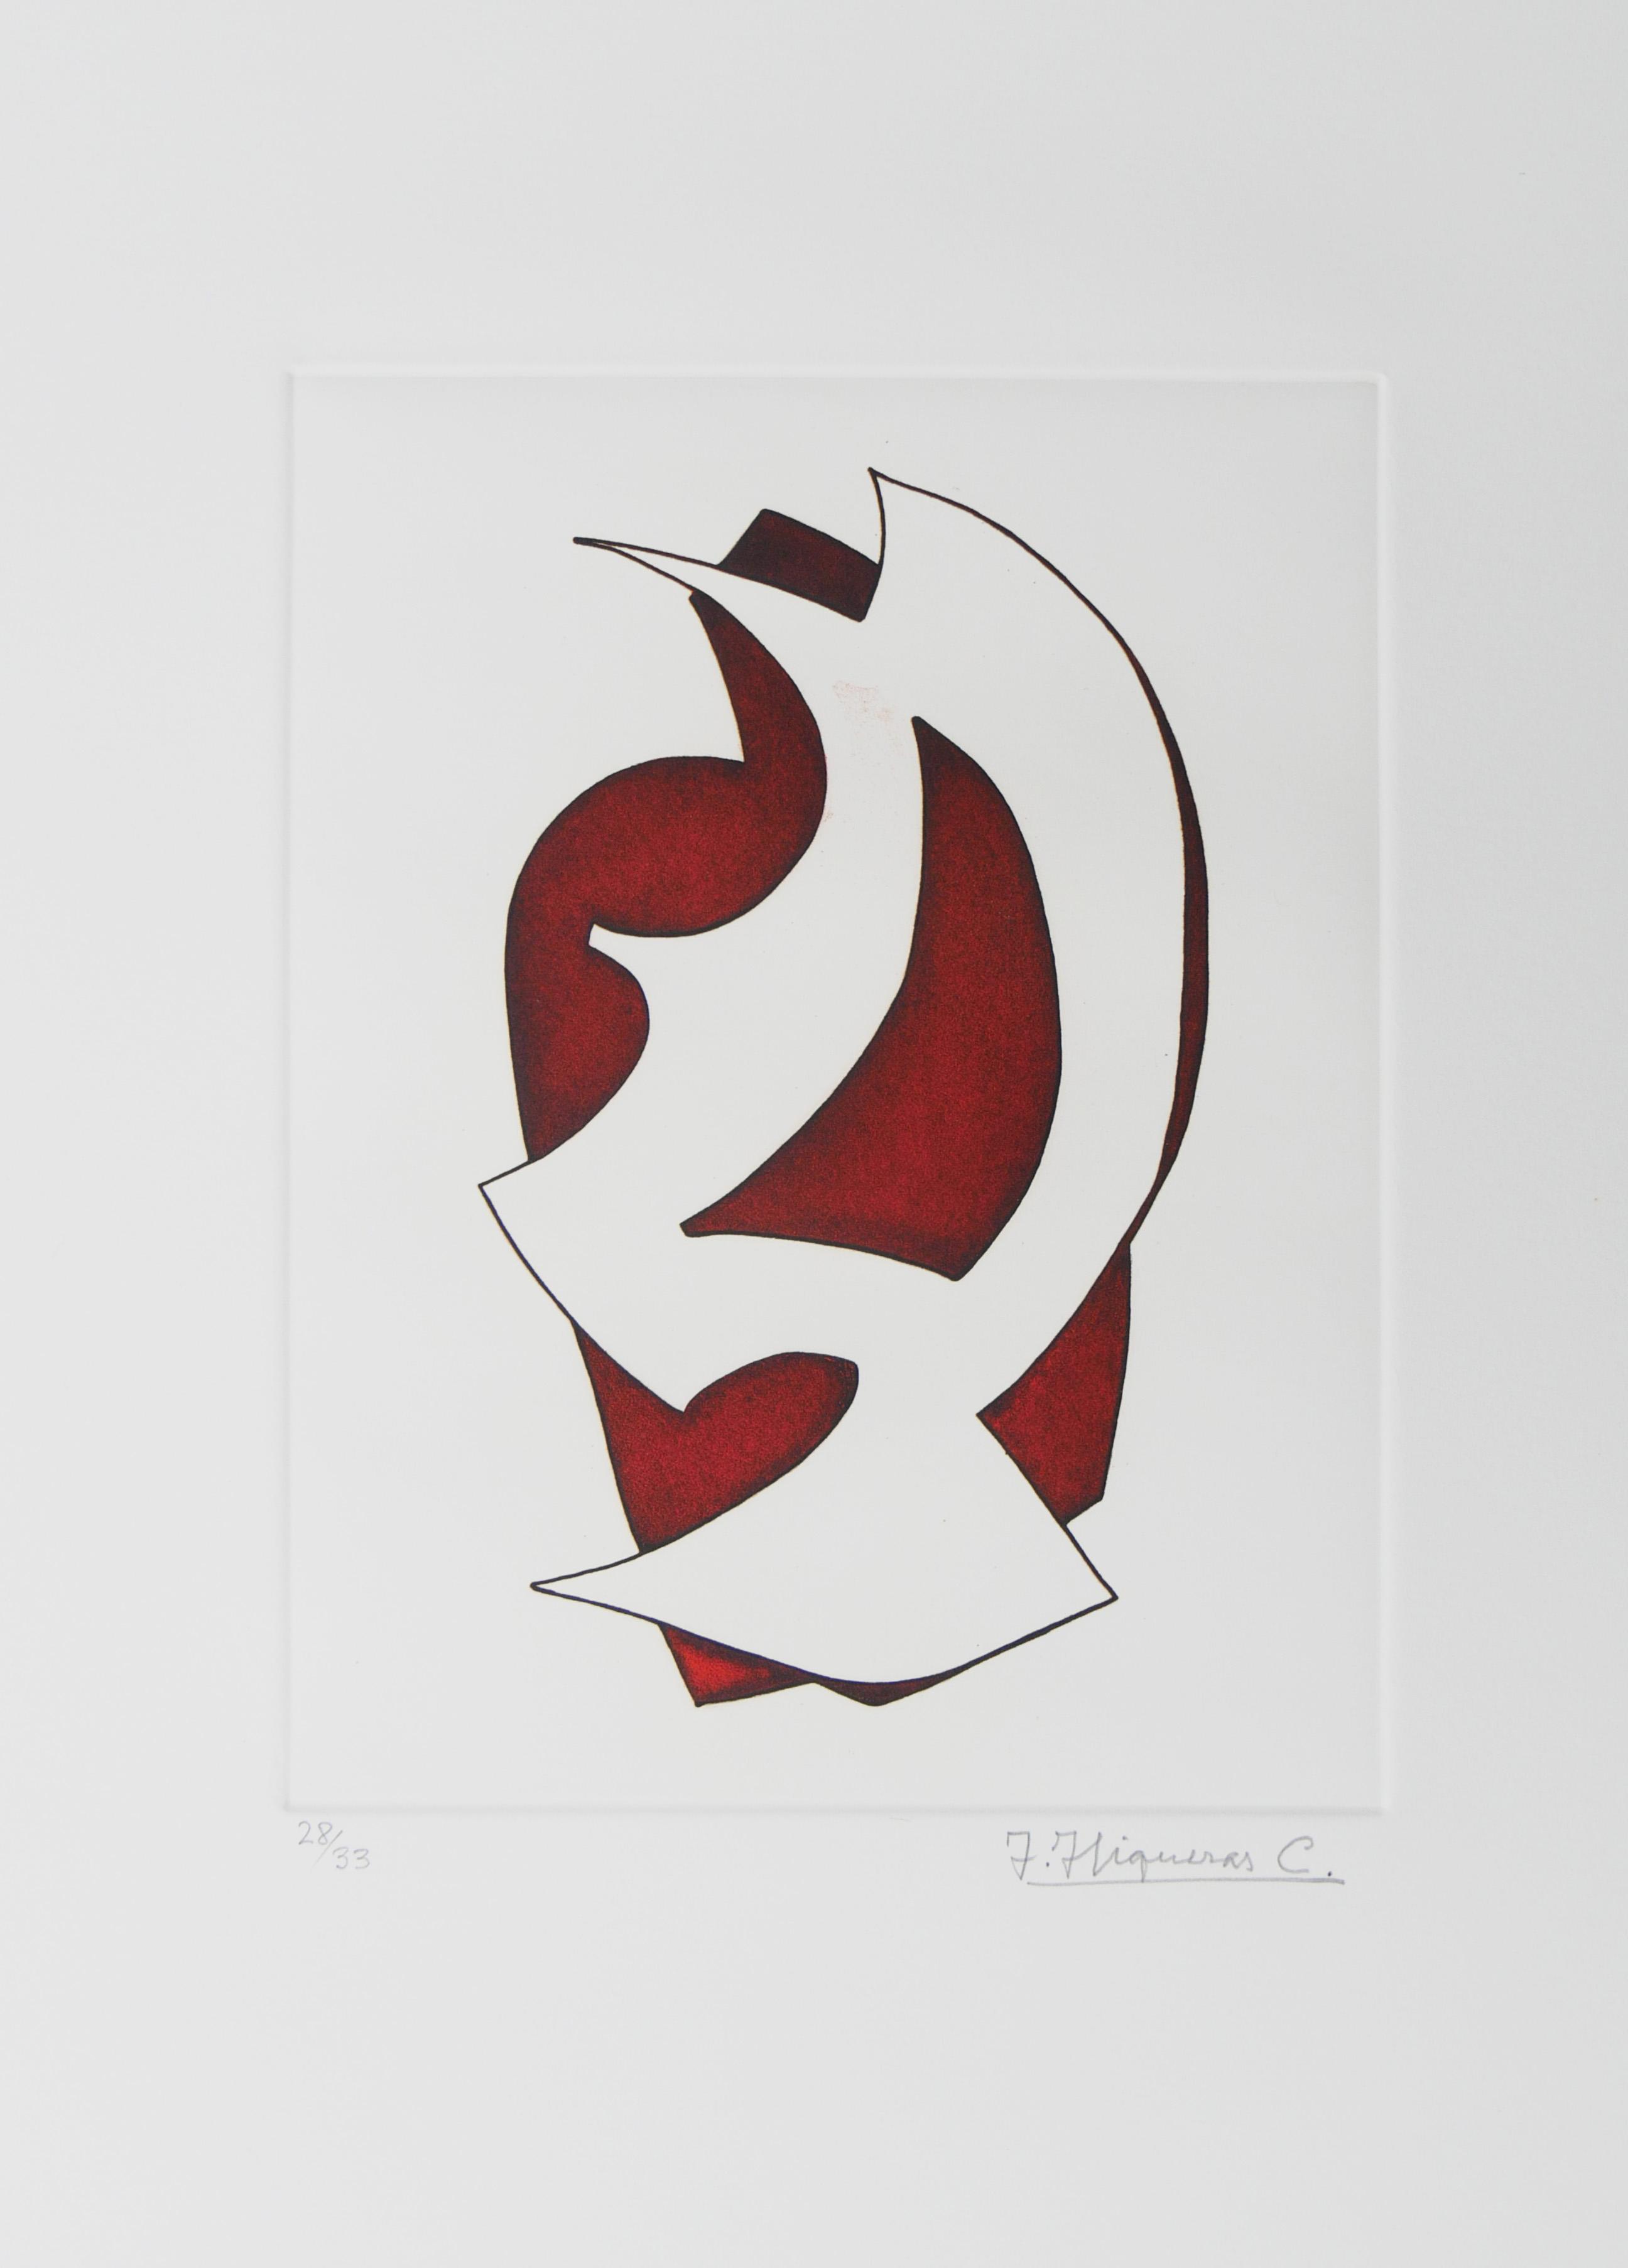 1976.3. Forma abstracta. 34x24,5 cms. Flomaster en marrón y negro, sobre papel. Modelo para el grabado realizado por el grabador Pavel Albert en 2003.